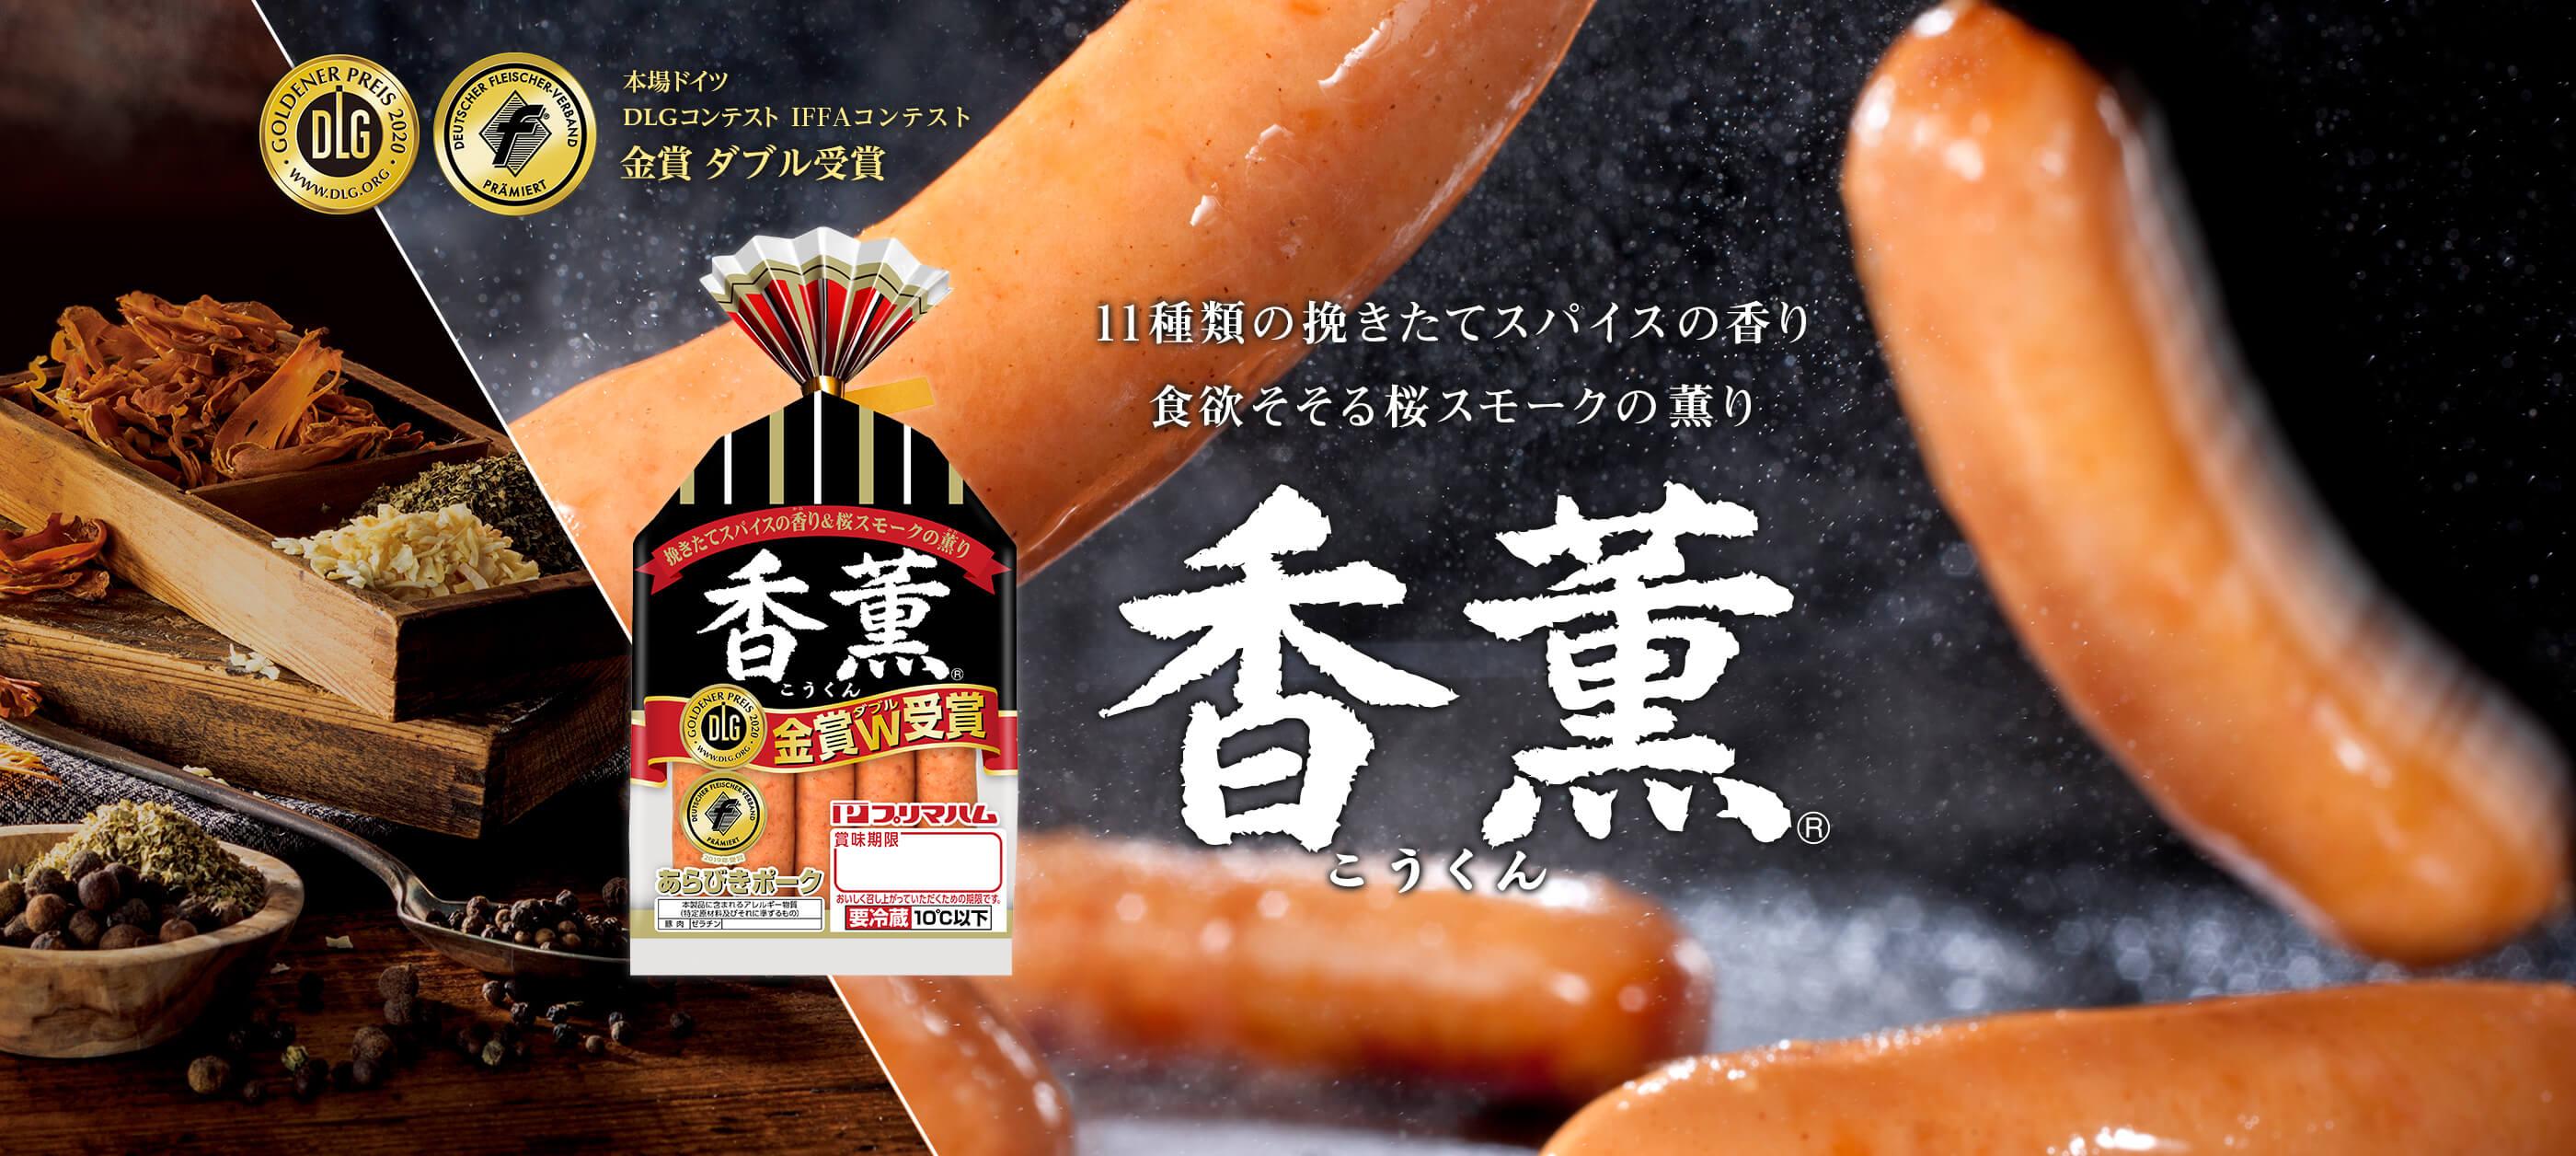 香薫バナー